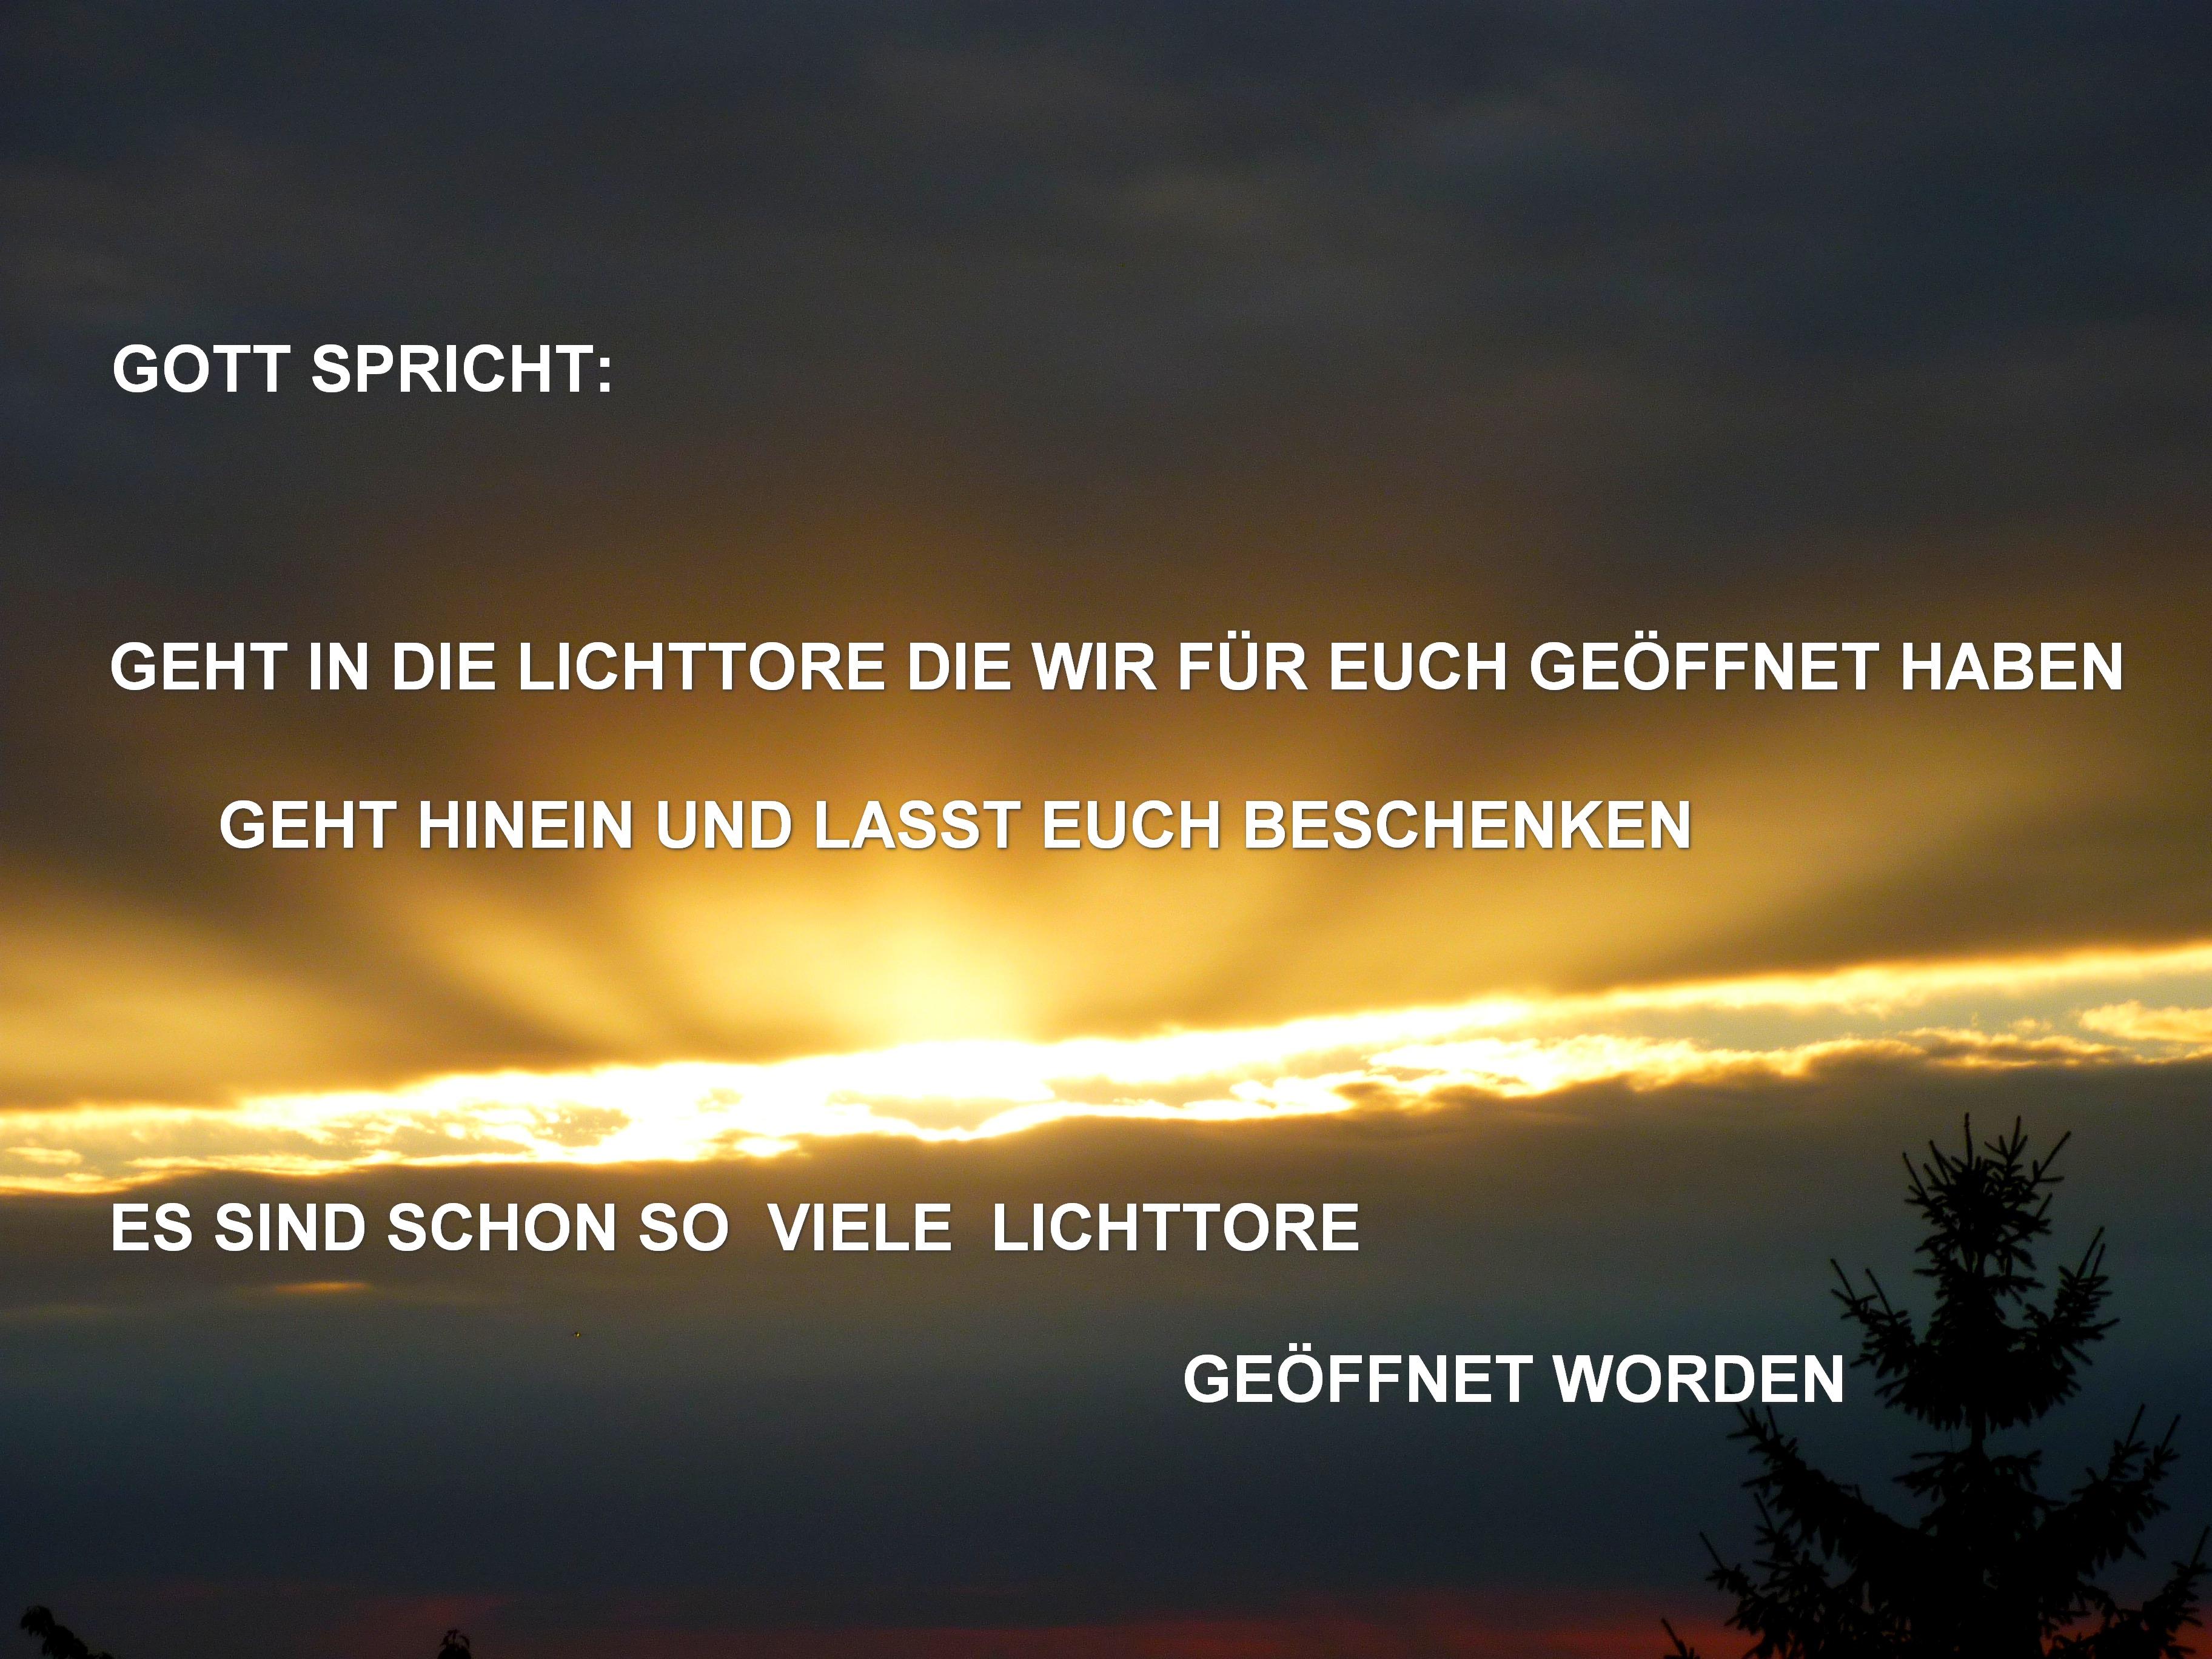 1Gott BilderP1020474